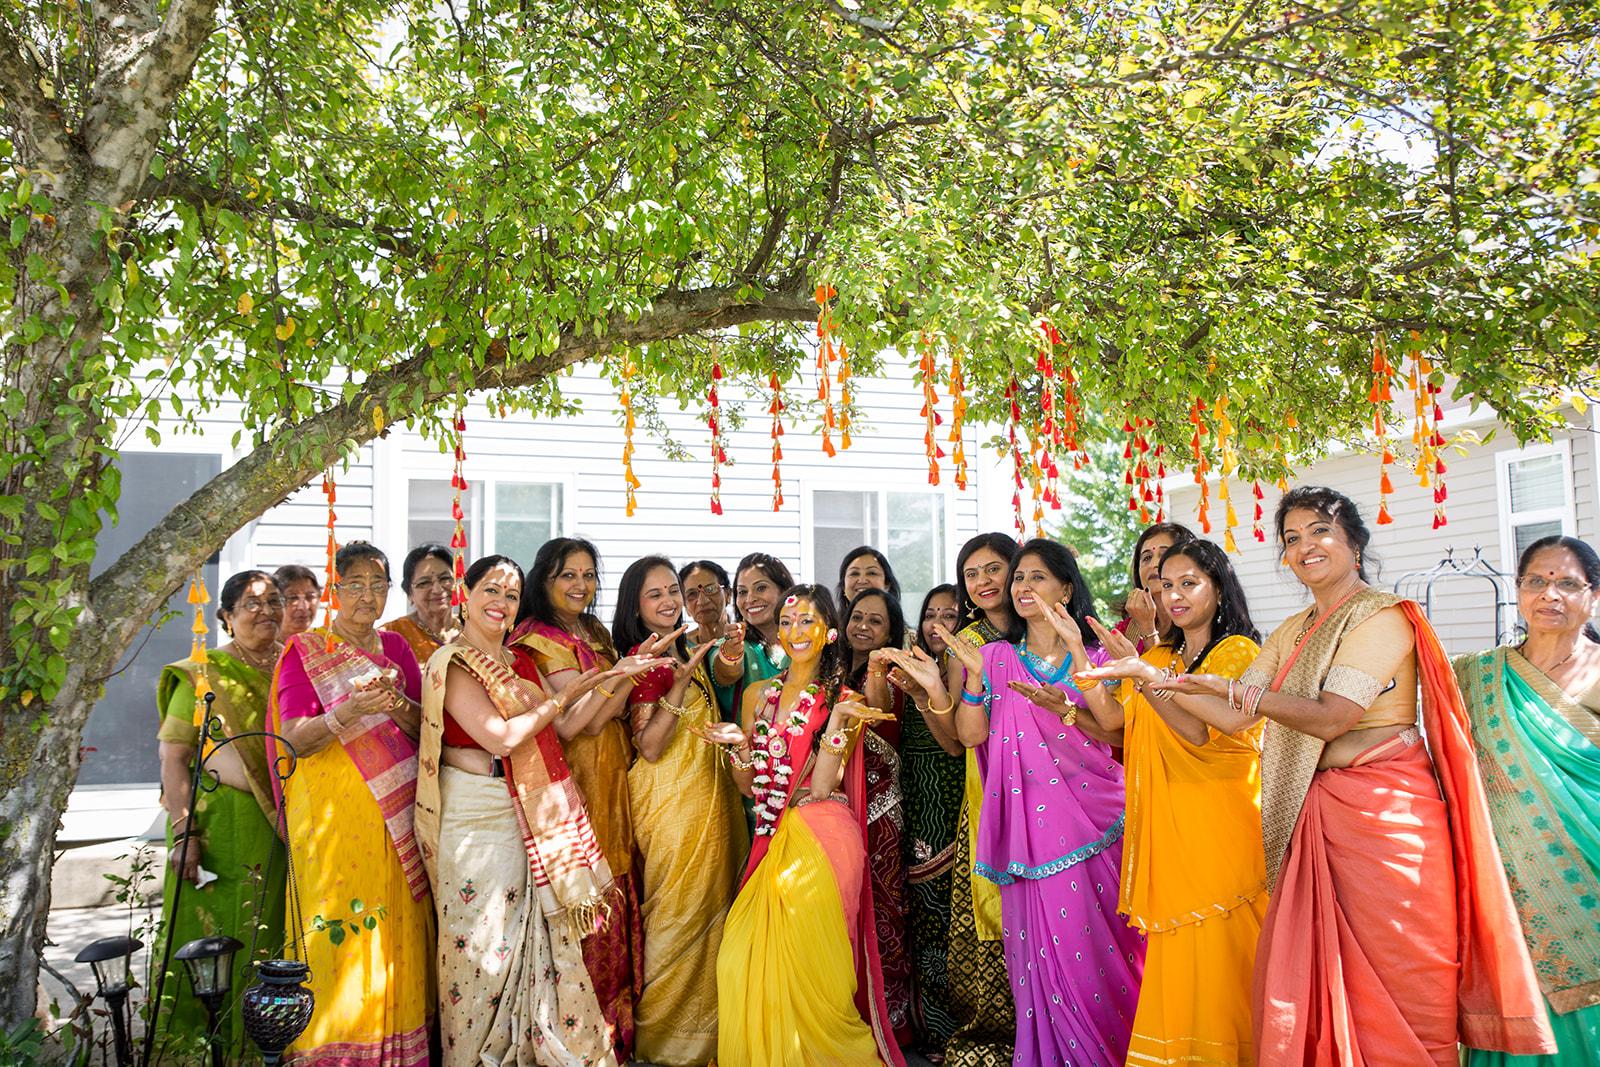 Le Cape Weddings - Puja and Kheelan - Pithi A   -160.jpg